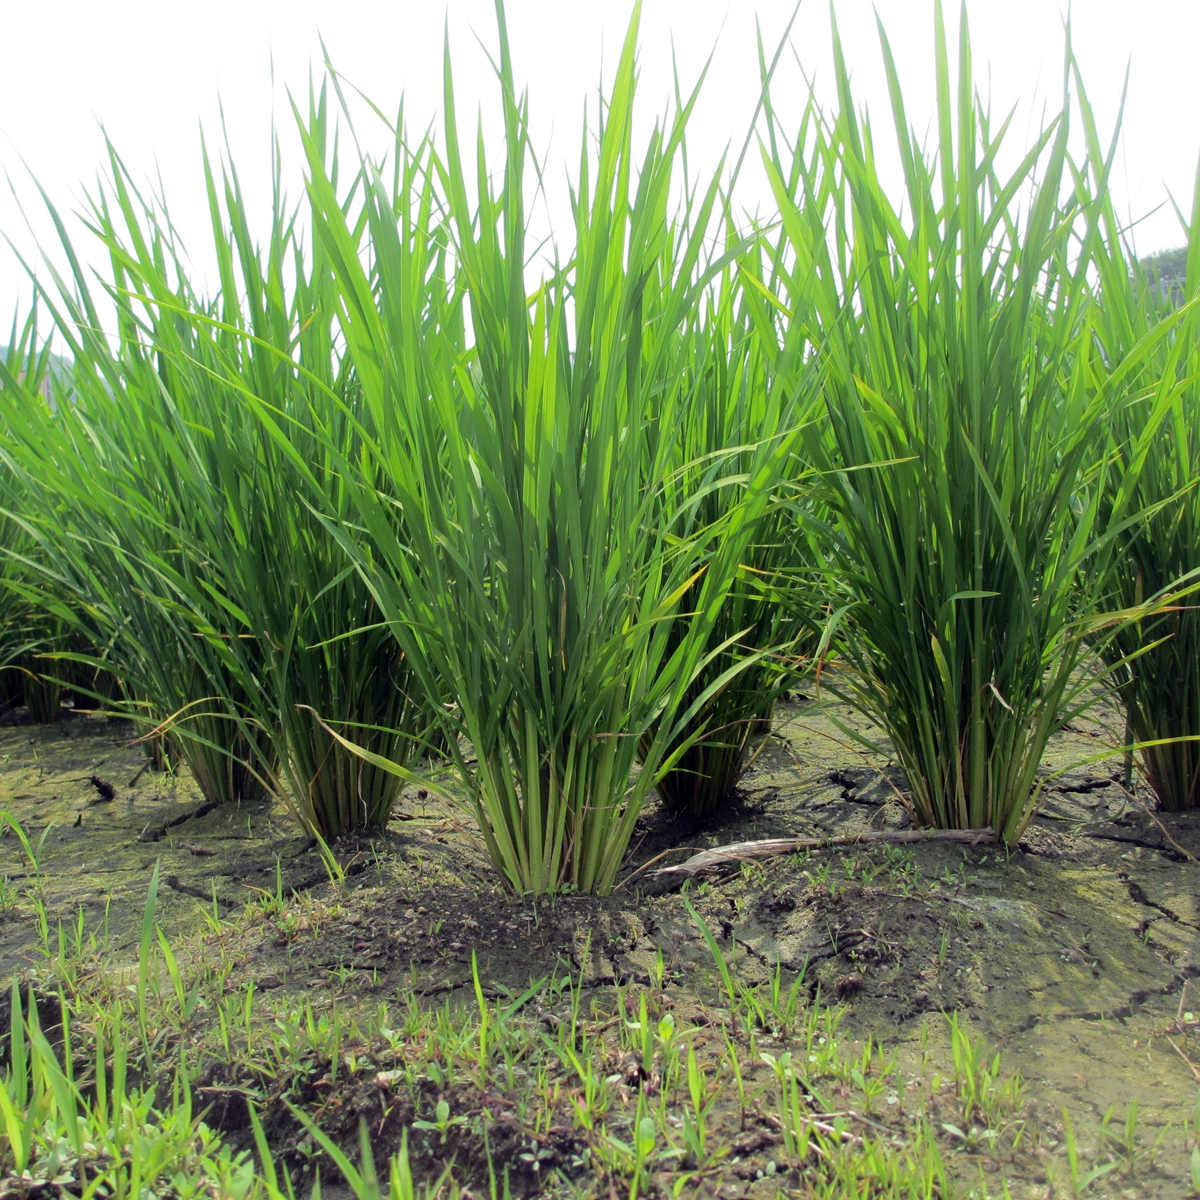 田んぼの稲の写真(6月)20150617-00